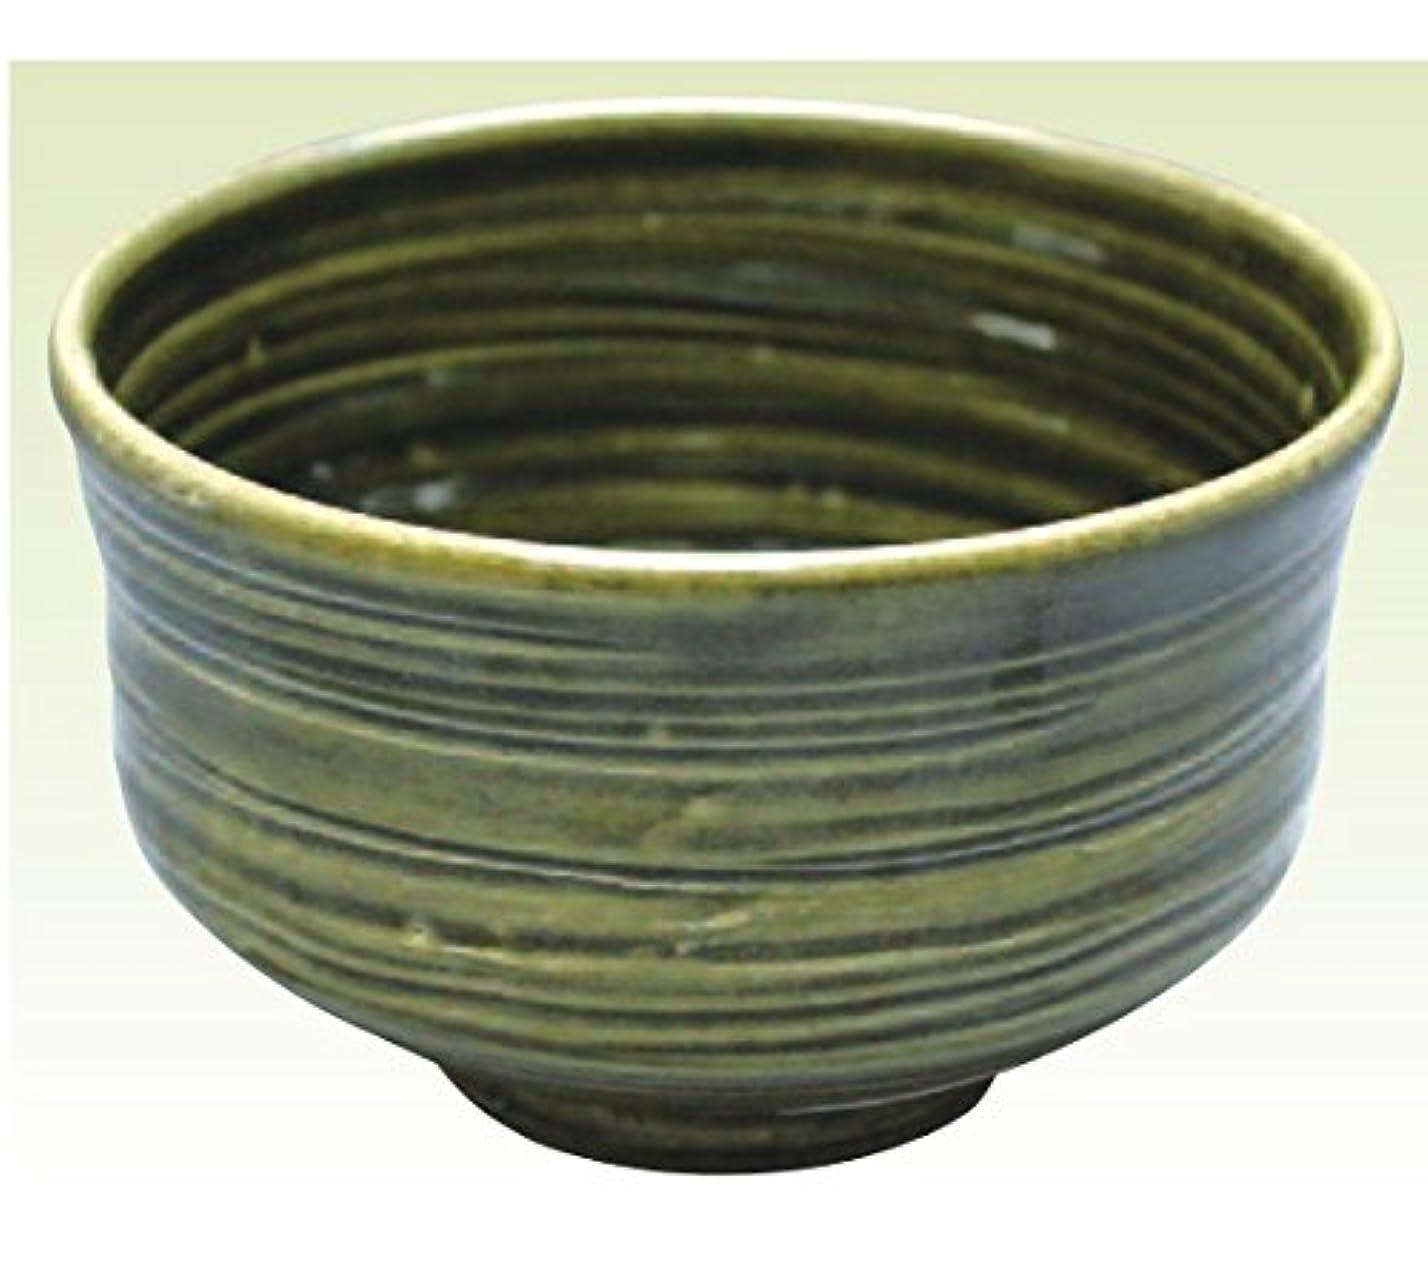 ユーモラスレイア上昇常滑焼 焜清作 抹茶茶碗織部径13×高さ8cm